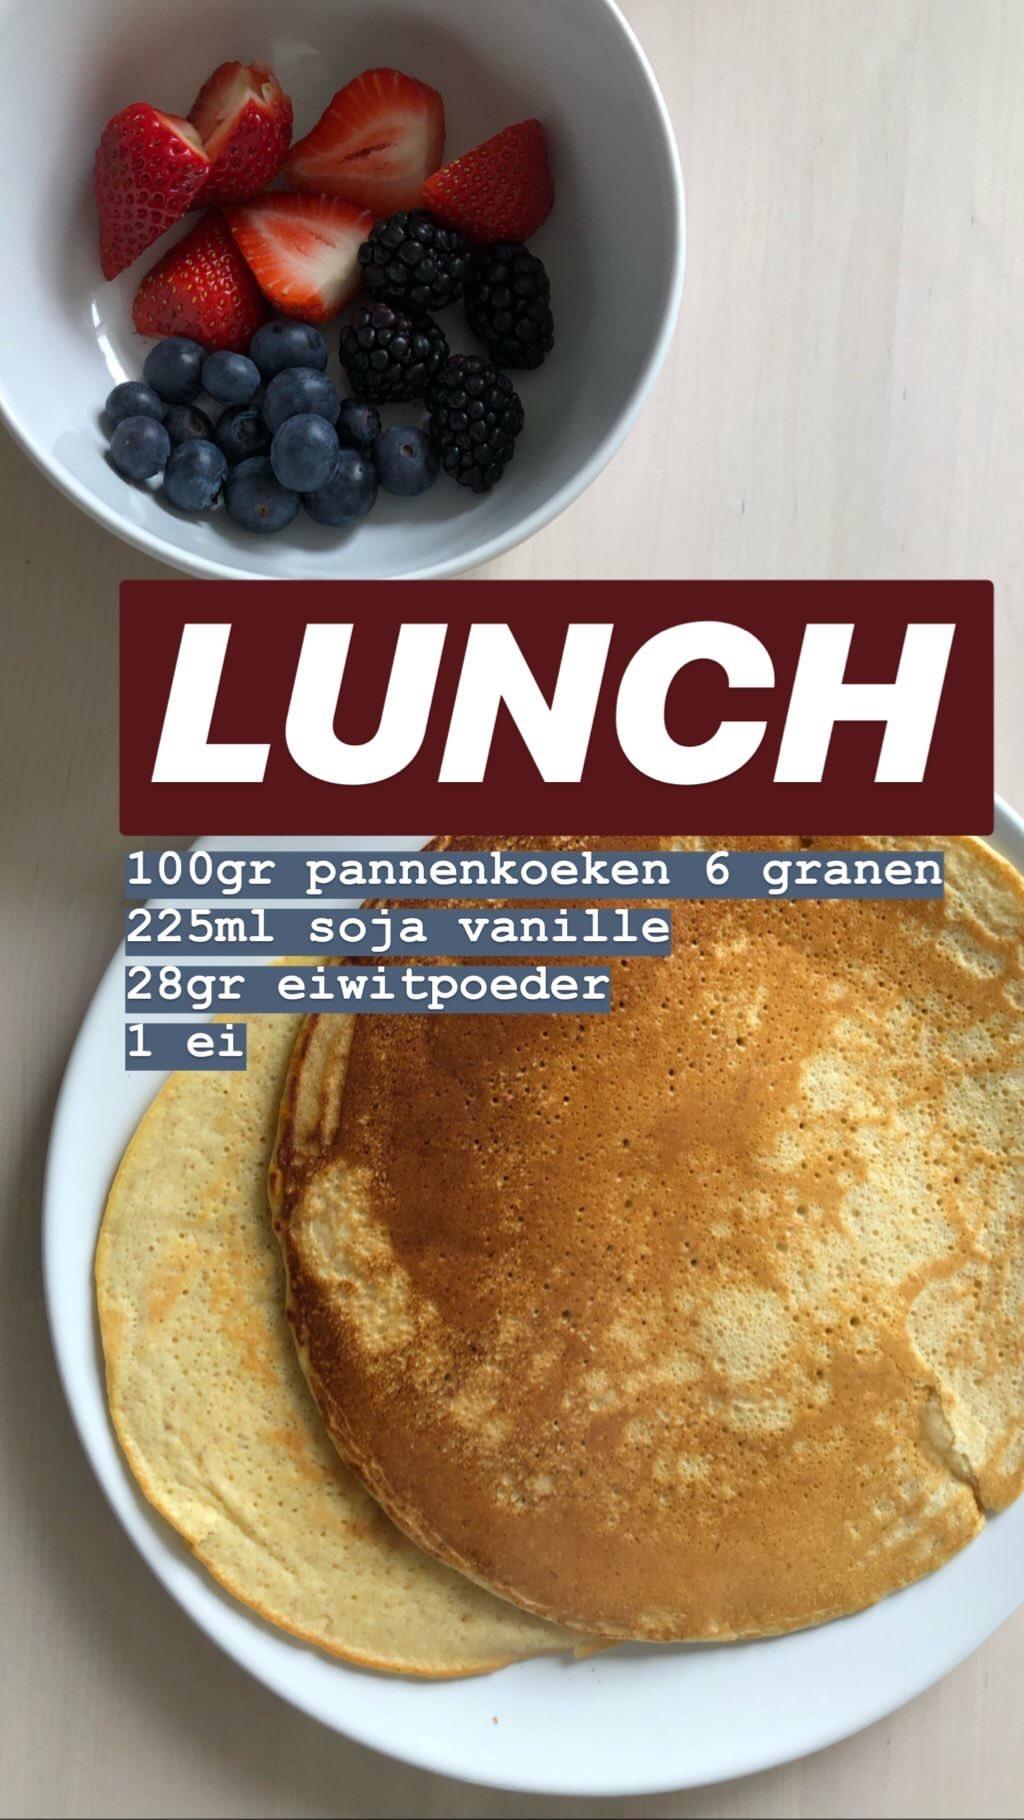 eetdagboekje, voeding, tips